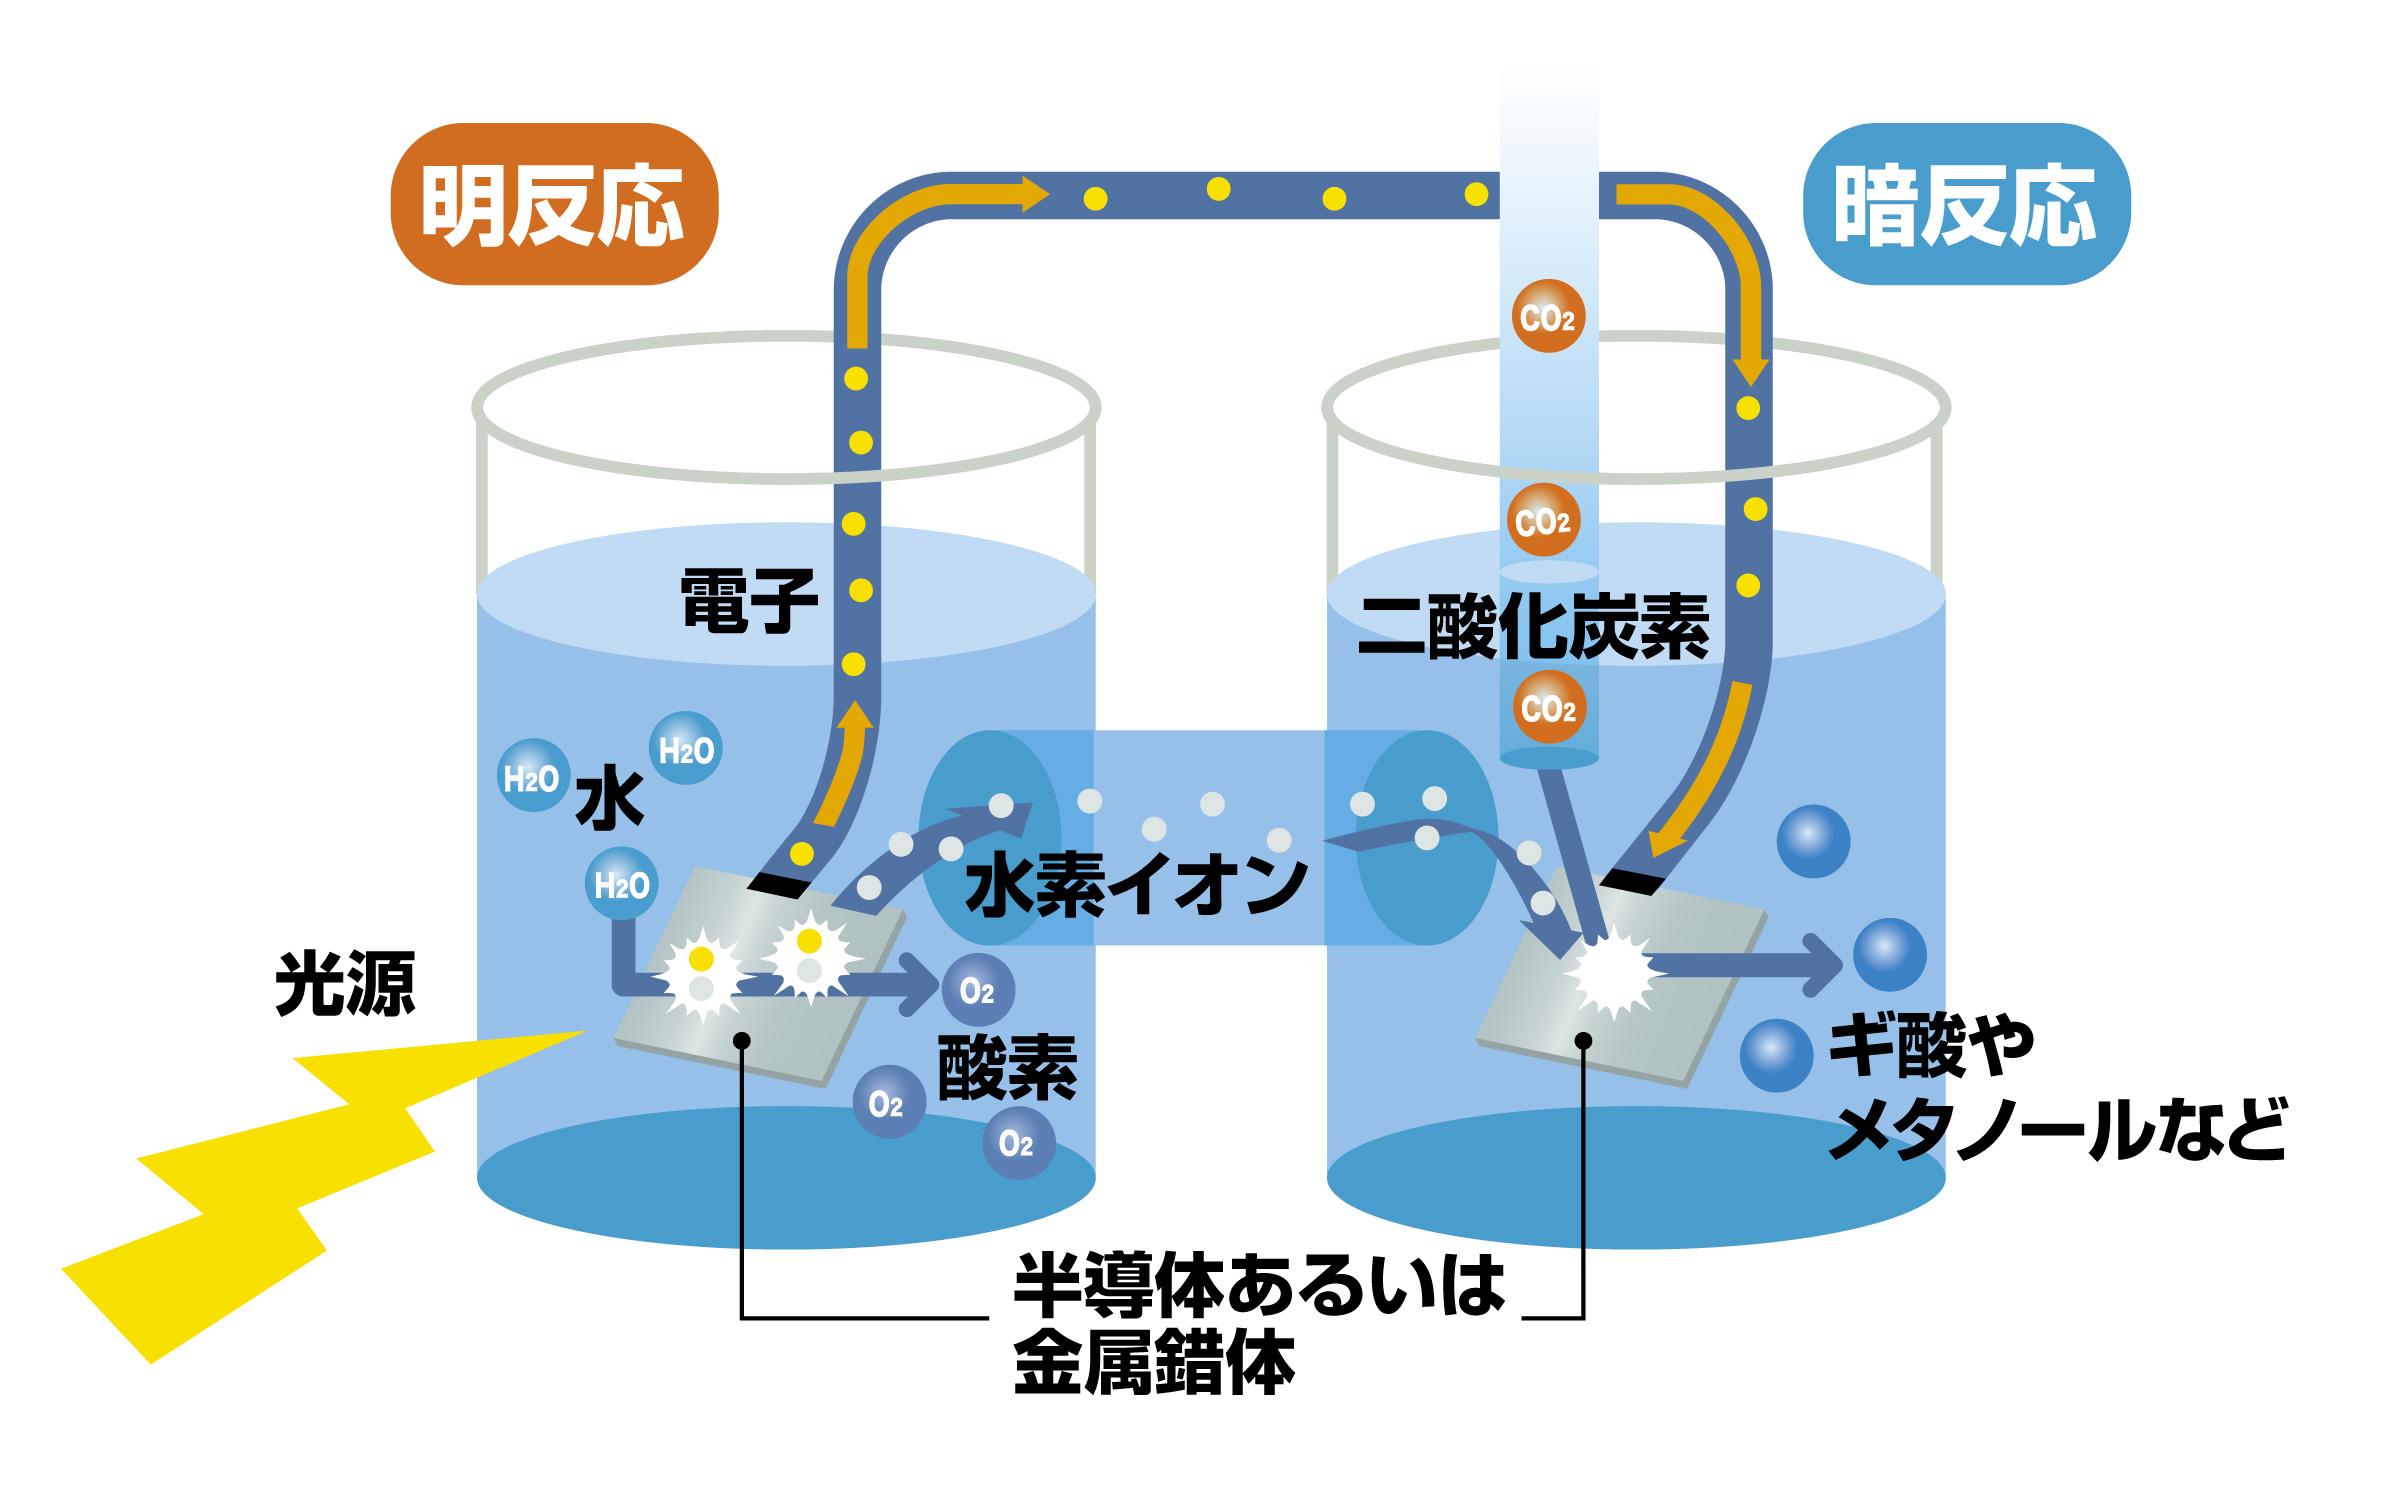 電子レンジの仕組み。食材を暖める原理はどうなっ …